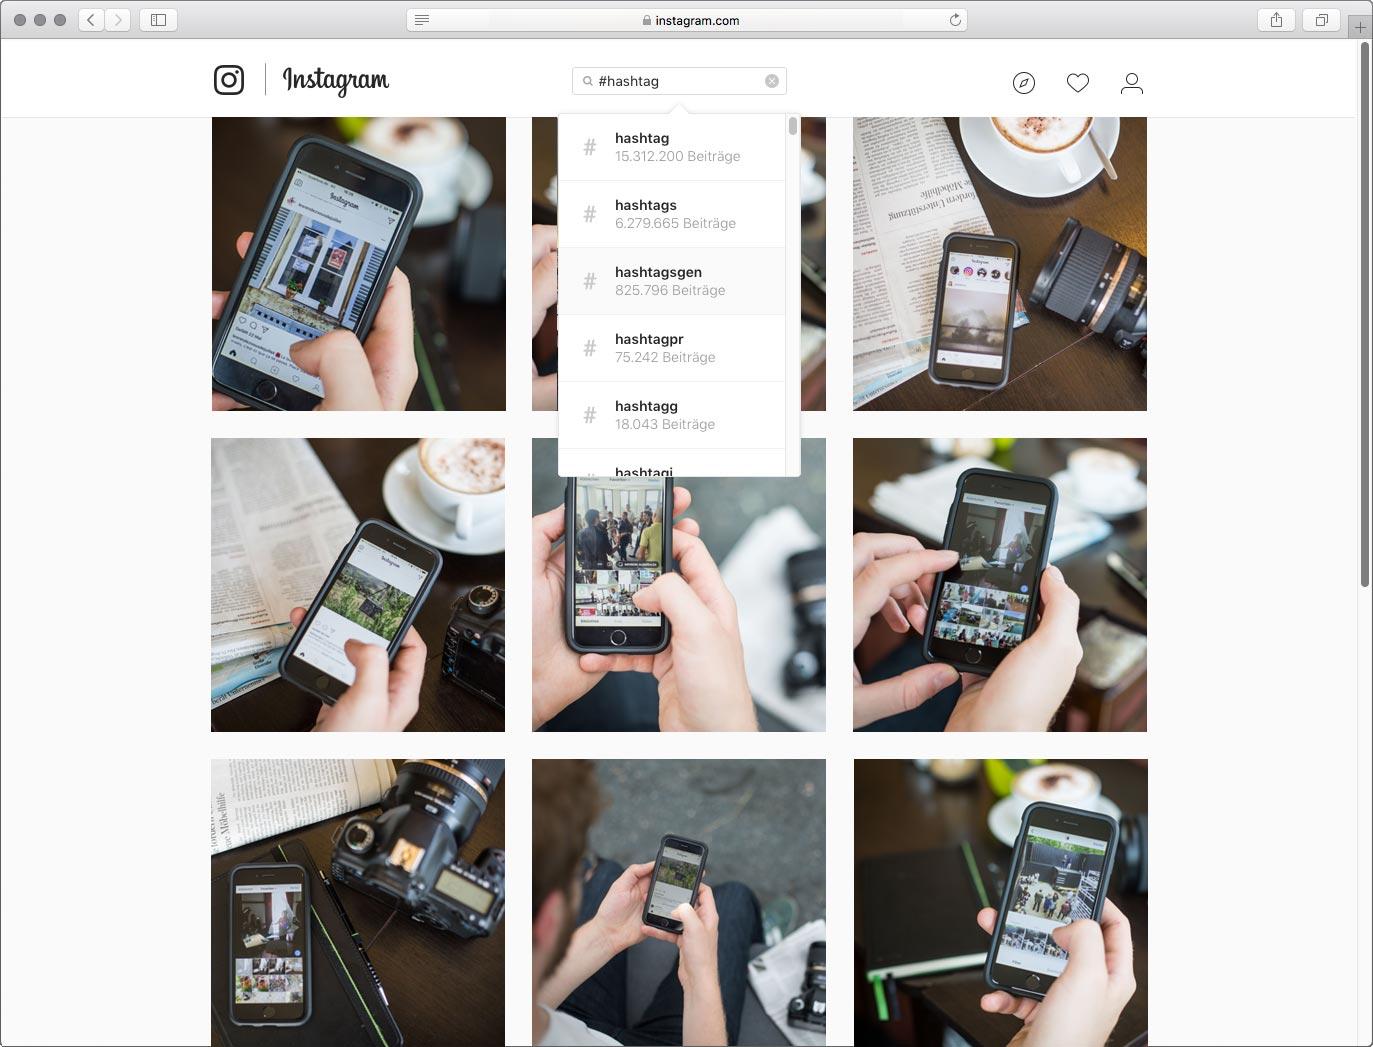 Die Bilderflut auf Instagram lässt sich durch Hashtags ordnen, doch welche Regeln sollten dabei beherzigt werden? Fotos: Evgeny Makarov (M)